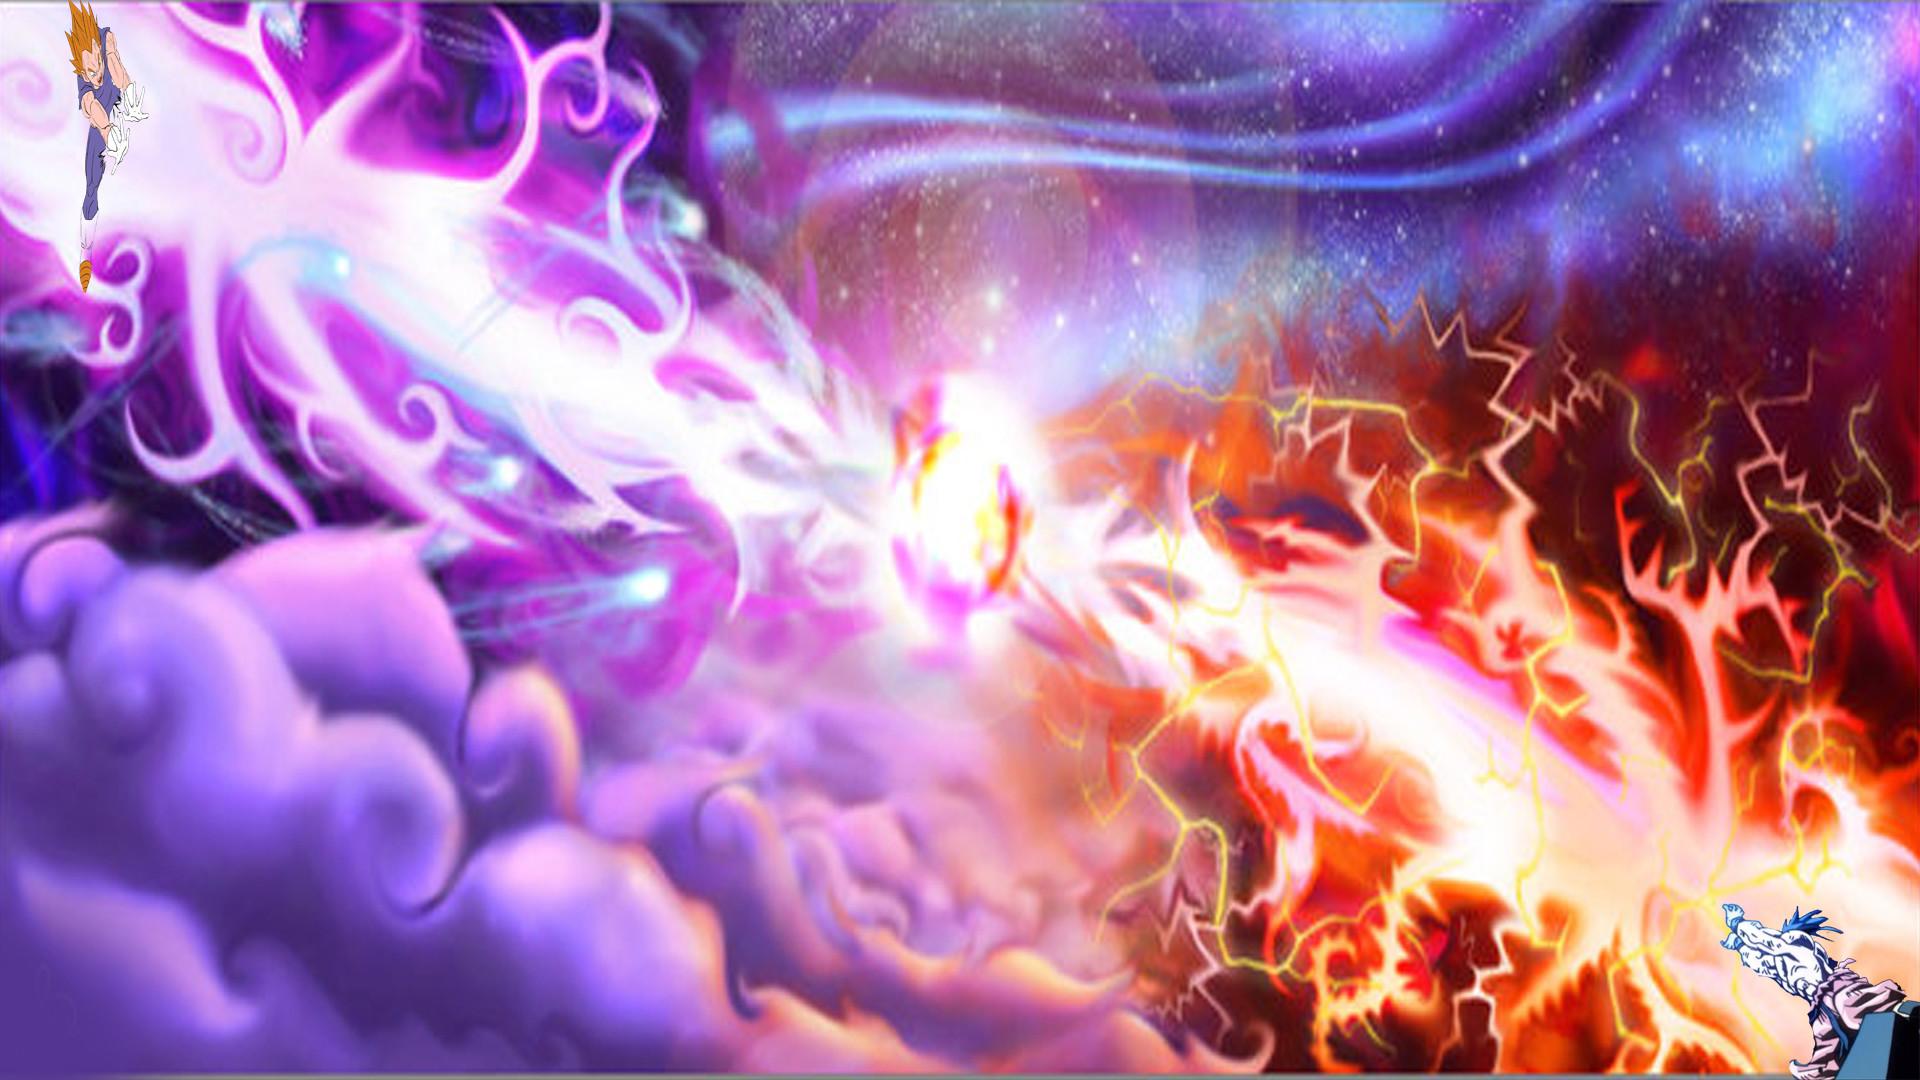 Goku VS Vegeta cool | goku | Pinterest